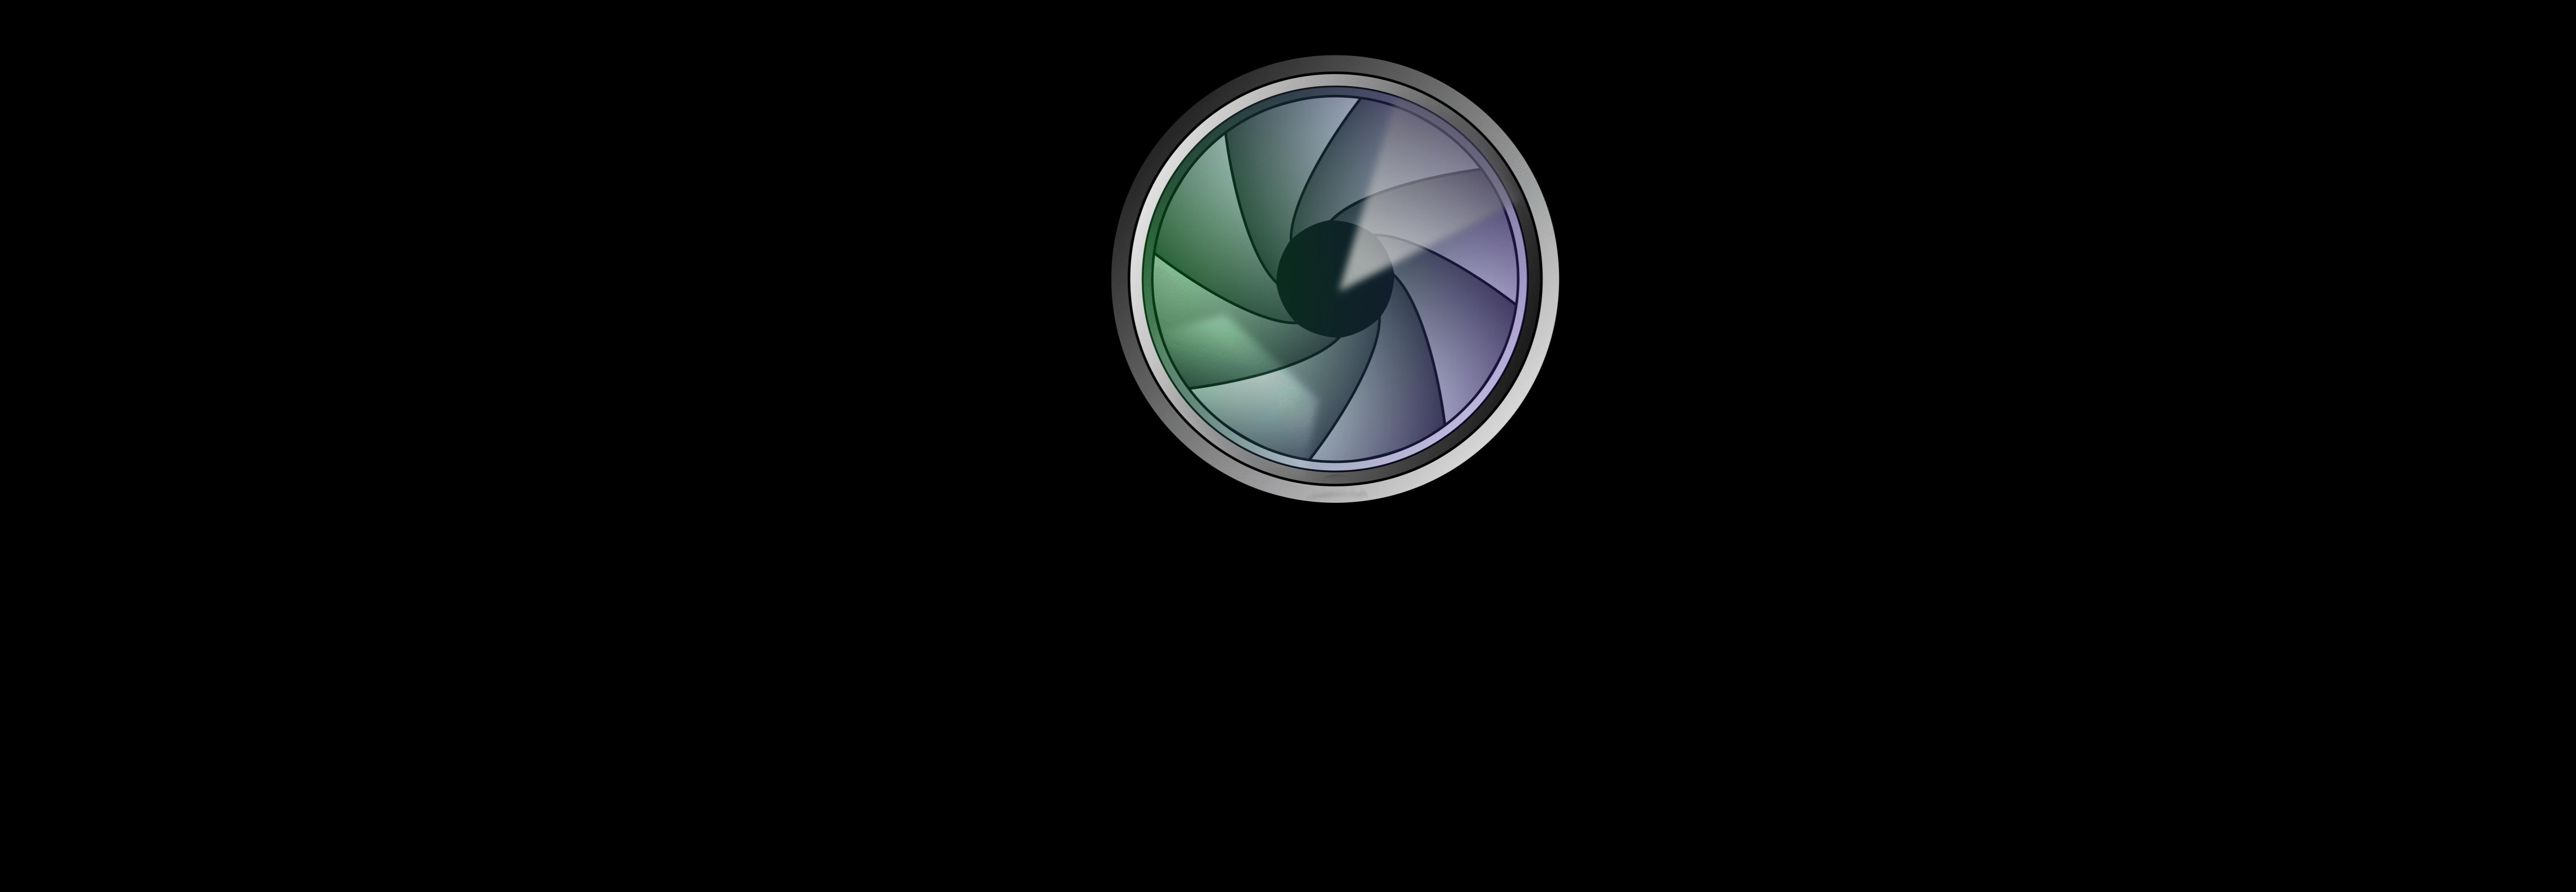 GE2019 logo